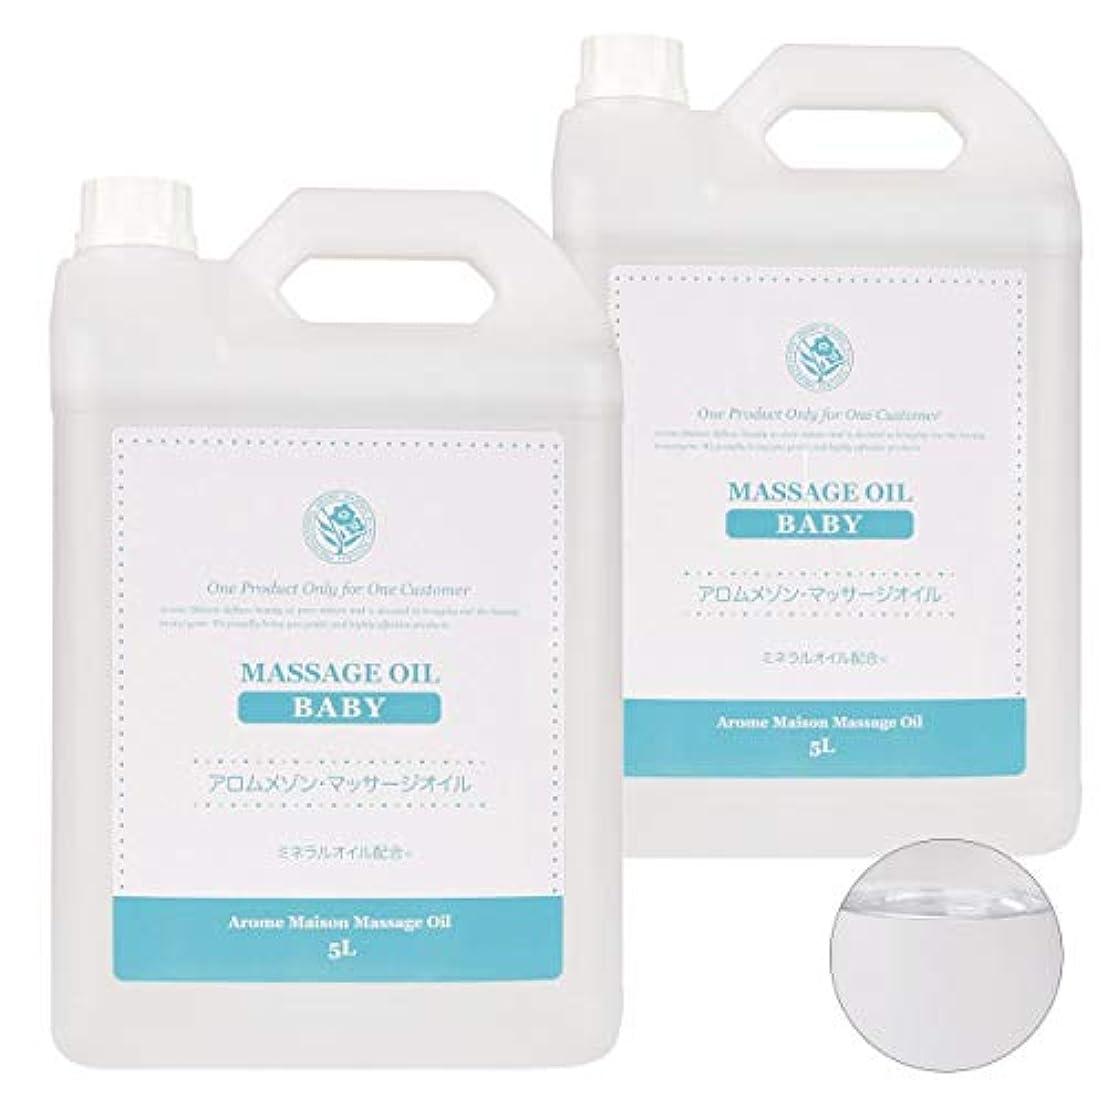 ほうき獲物結晶< アロムメゾン > マッサージオイル ベビー 5L (2個セット) [ ミネラルオイル ミネラルマッサージオイル ボディマッサージオイル ボディオイル ベビーオイル スリミング 無香料 業務用 ]